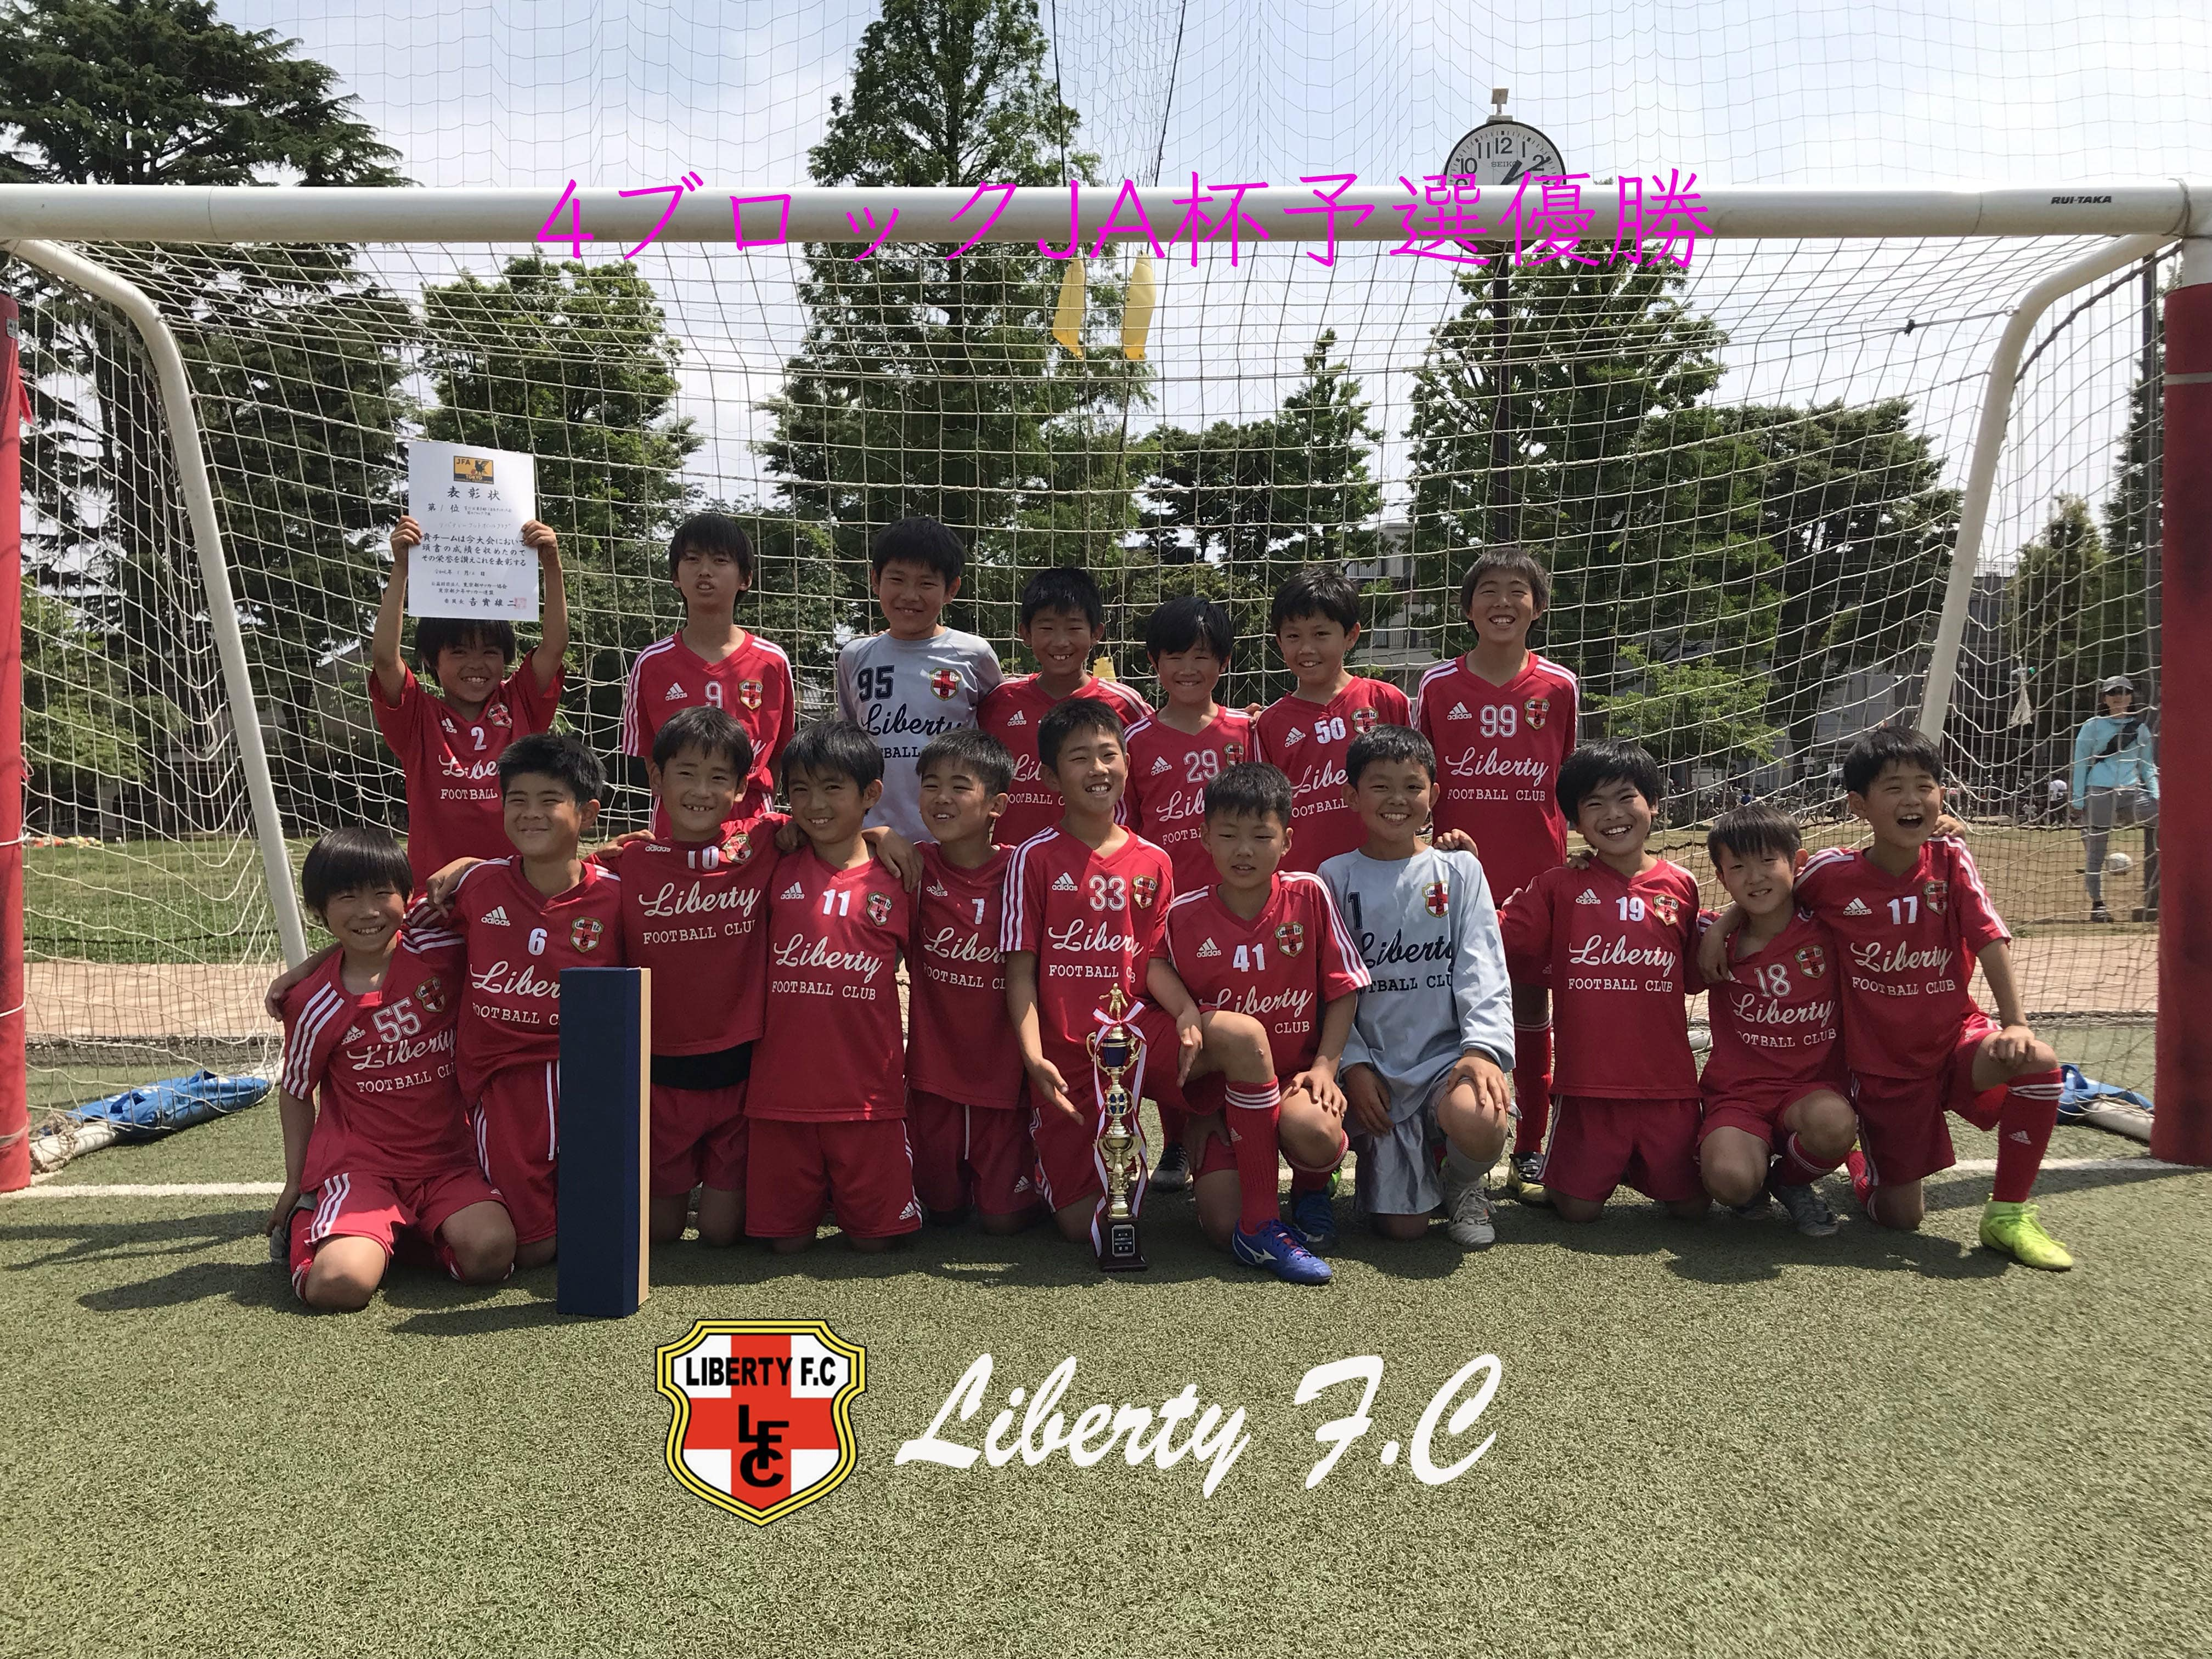 2019年4ブロック5年 JA杯初優勝 中央大会出場の写真